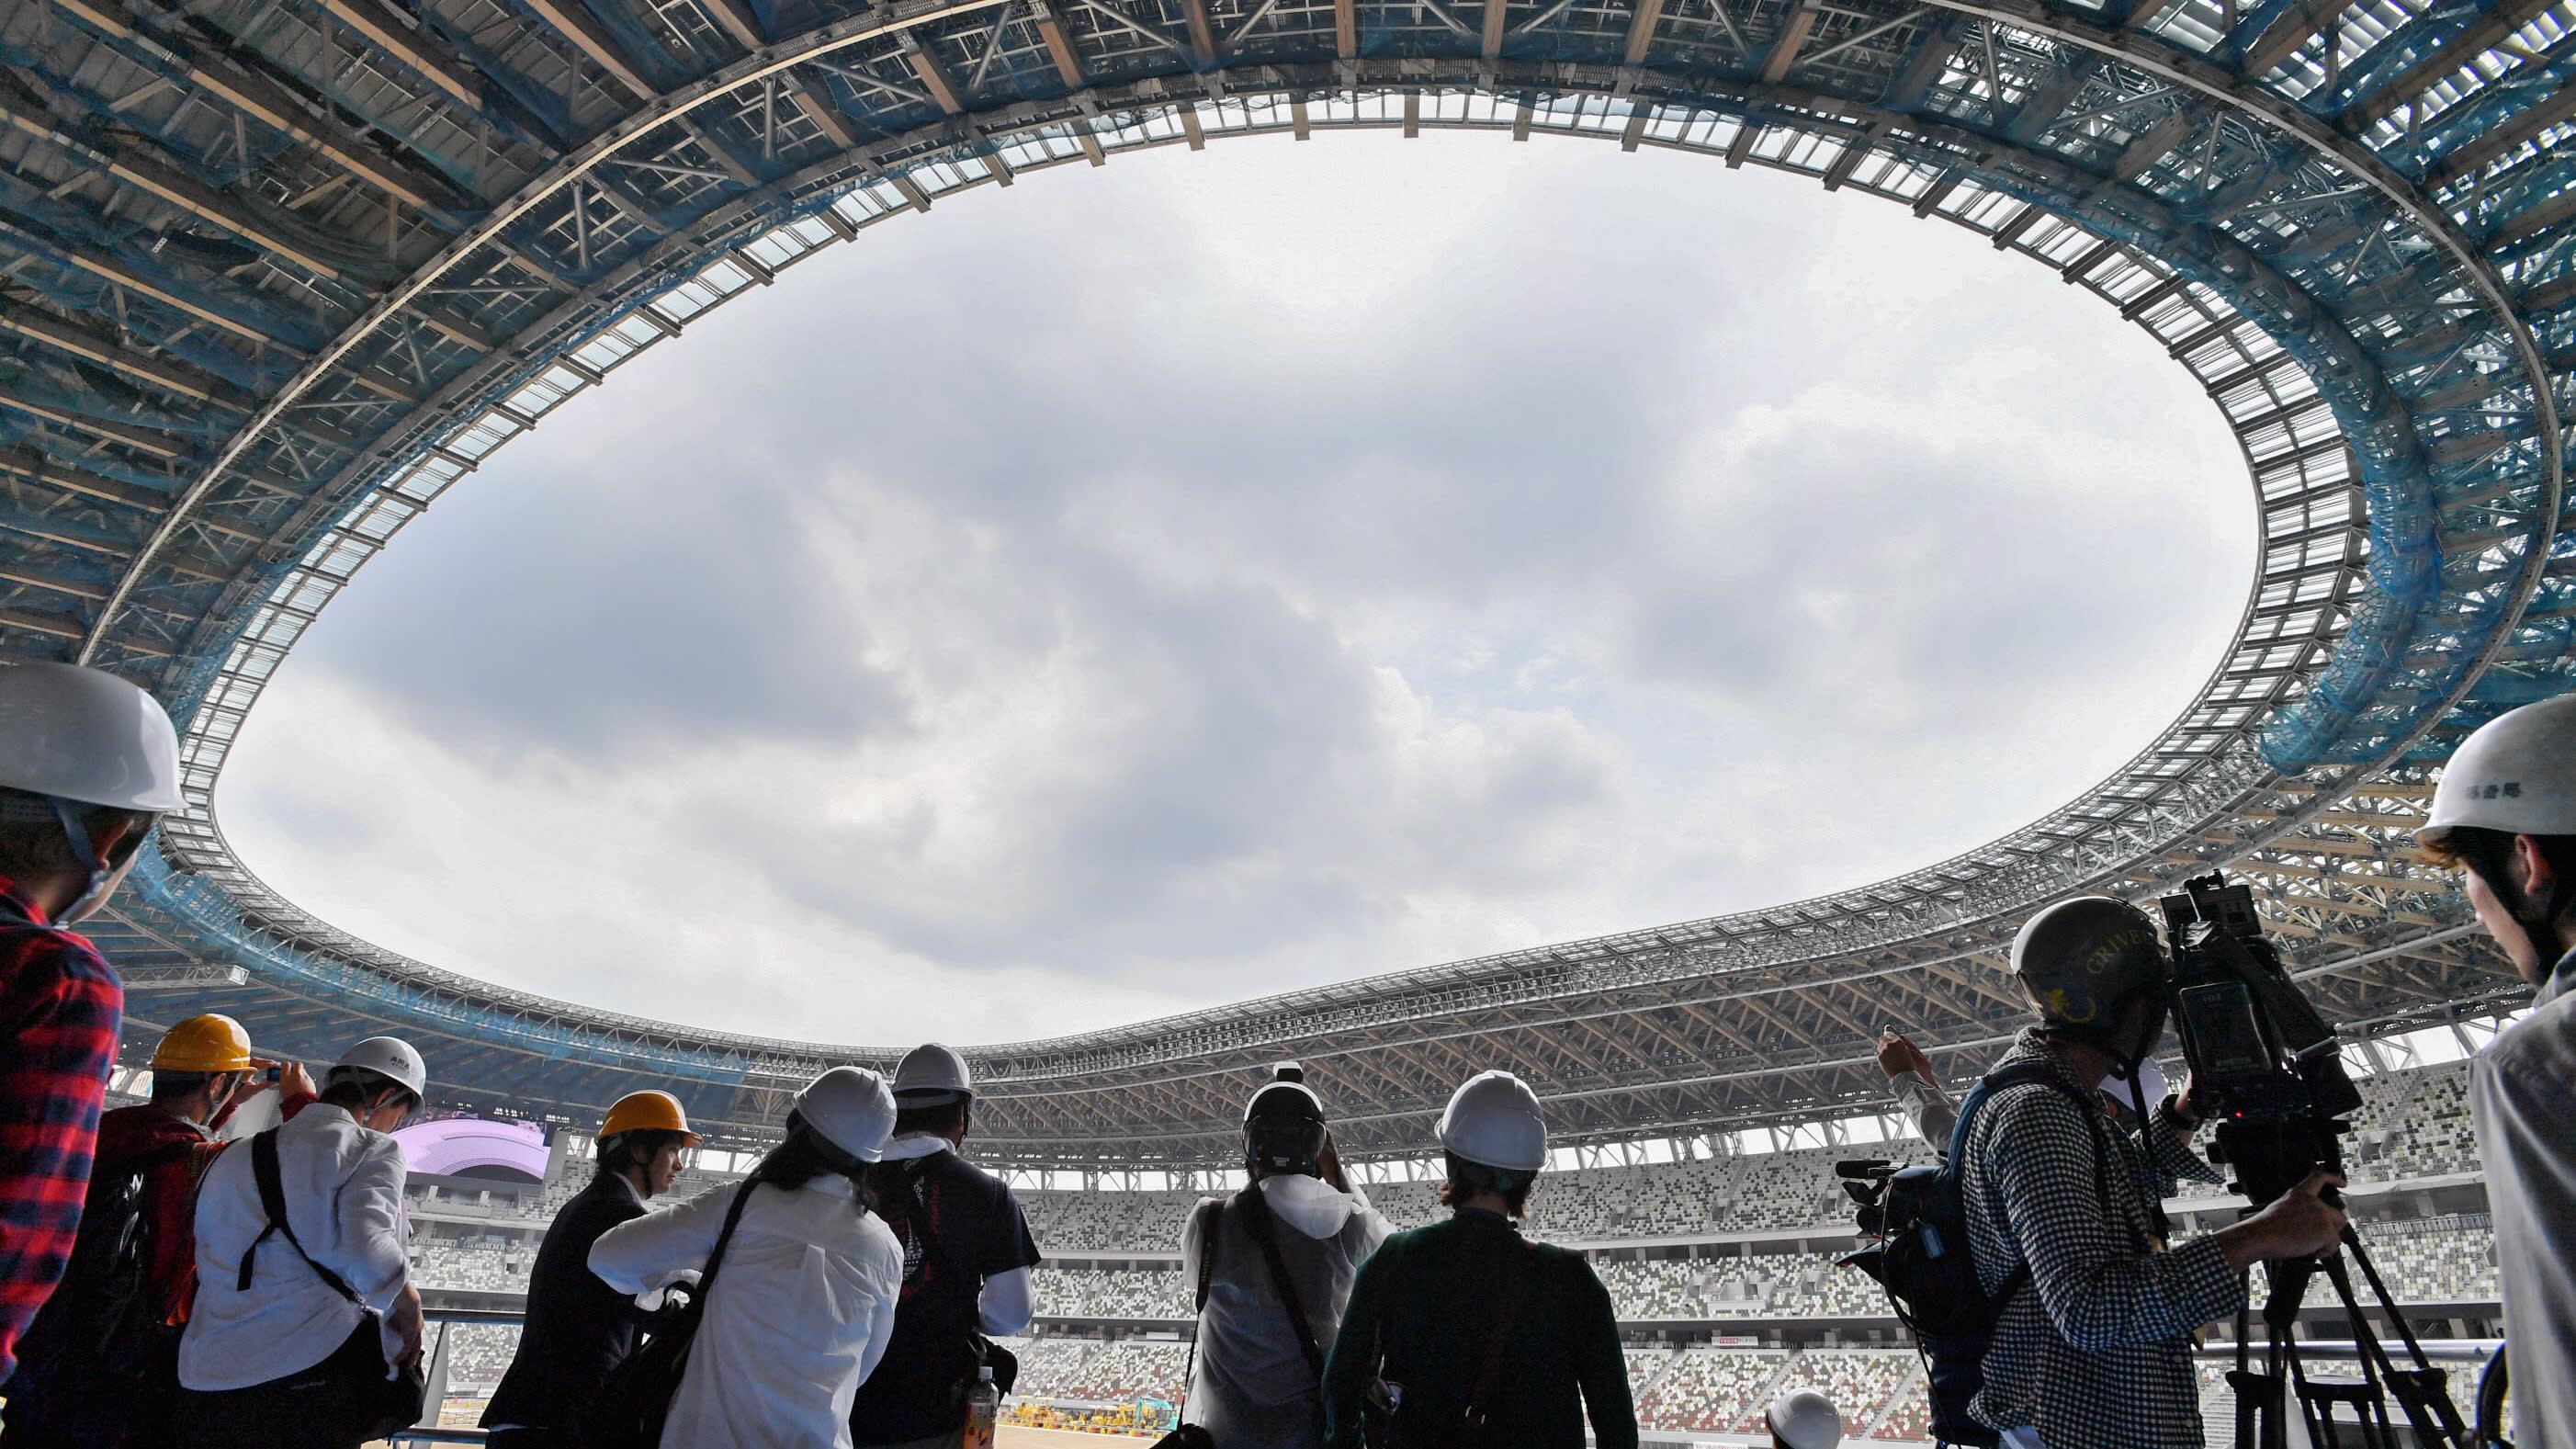 New Beat 2020 Tokyo 2020 'wooden' stadium ready to beat summer heat   Nikkei